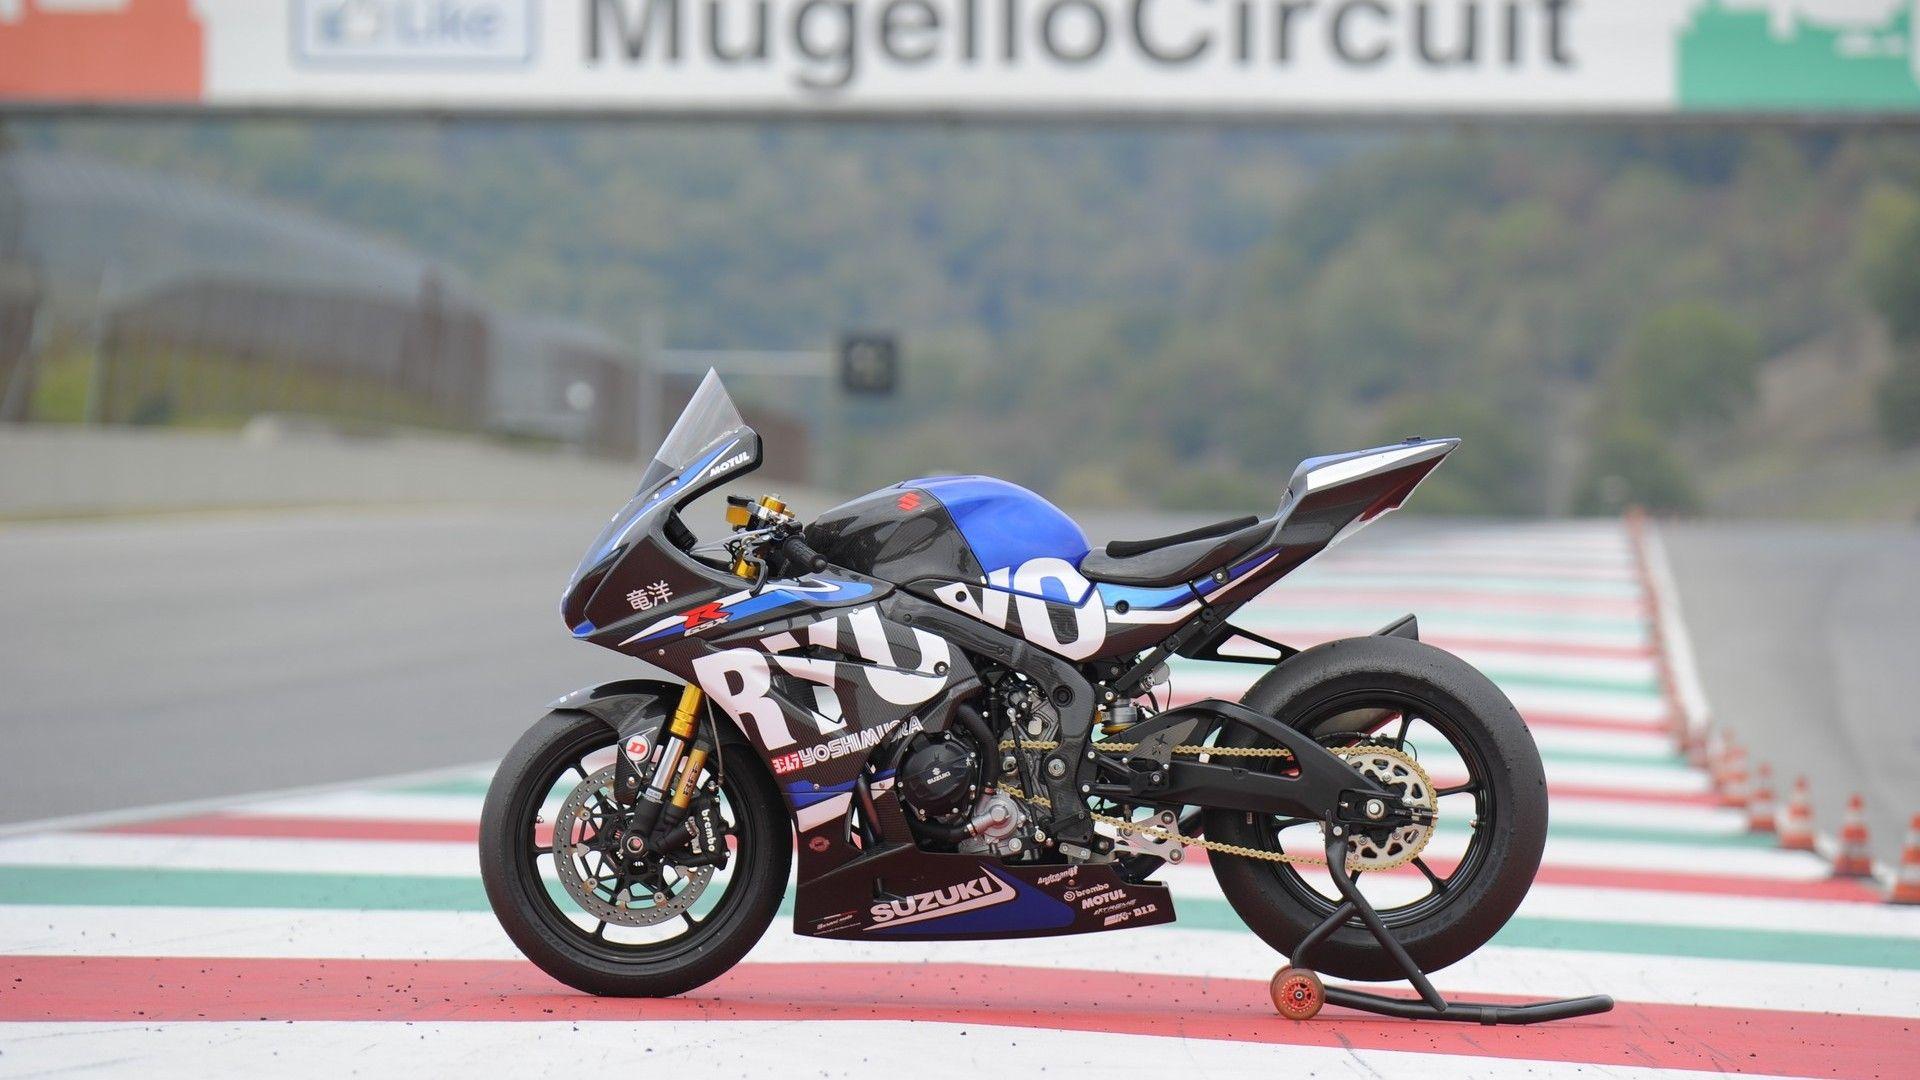 Suzuki Ryuyo 2019